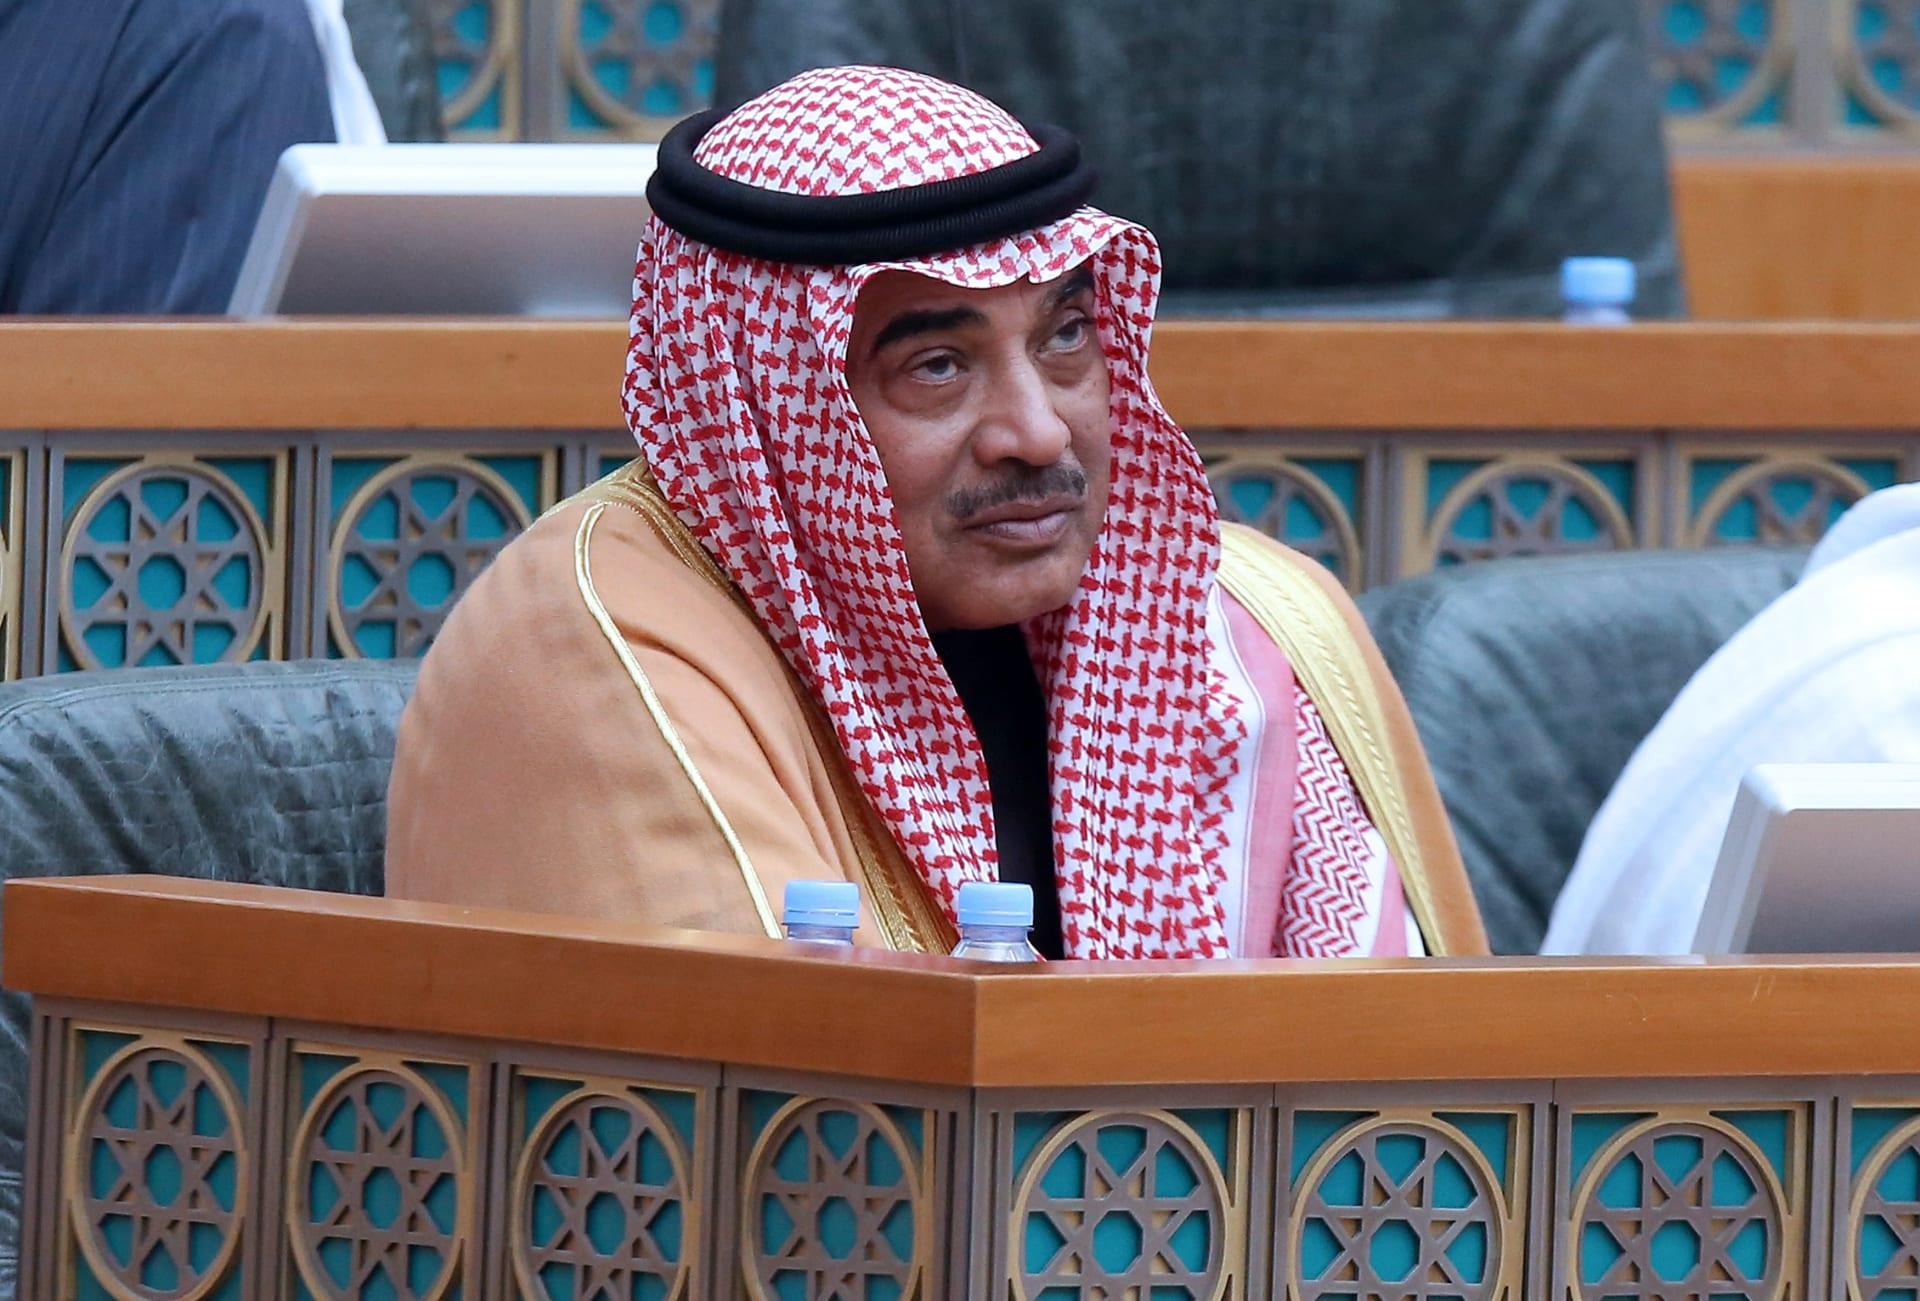 غداة اعتذار المبارك.. أمير الكويت يعين الشيخ صباح خالد الصباح رئيسا للوزراء